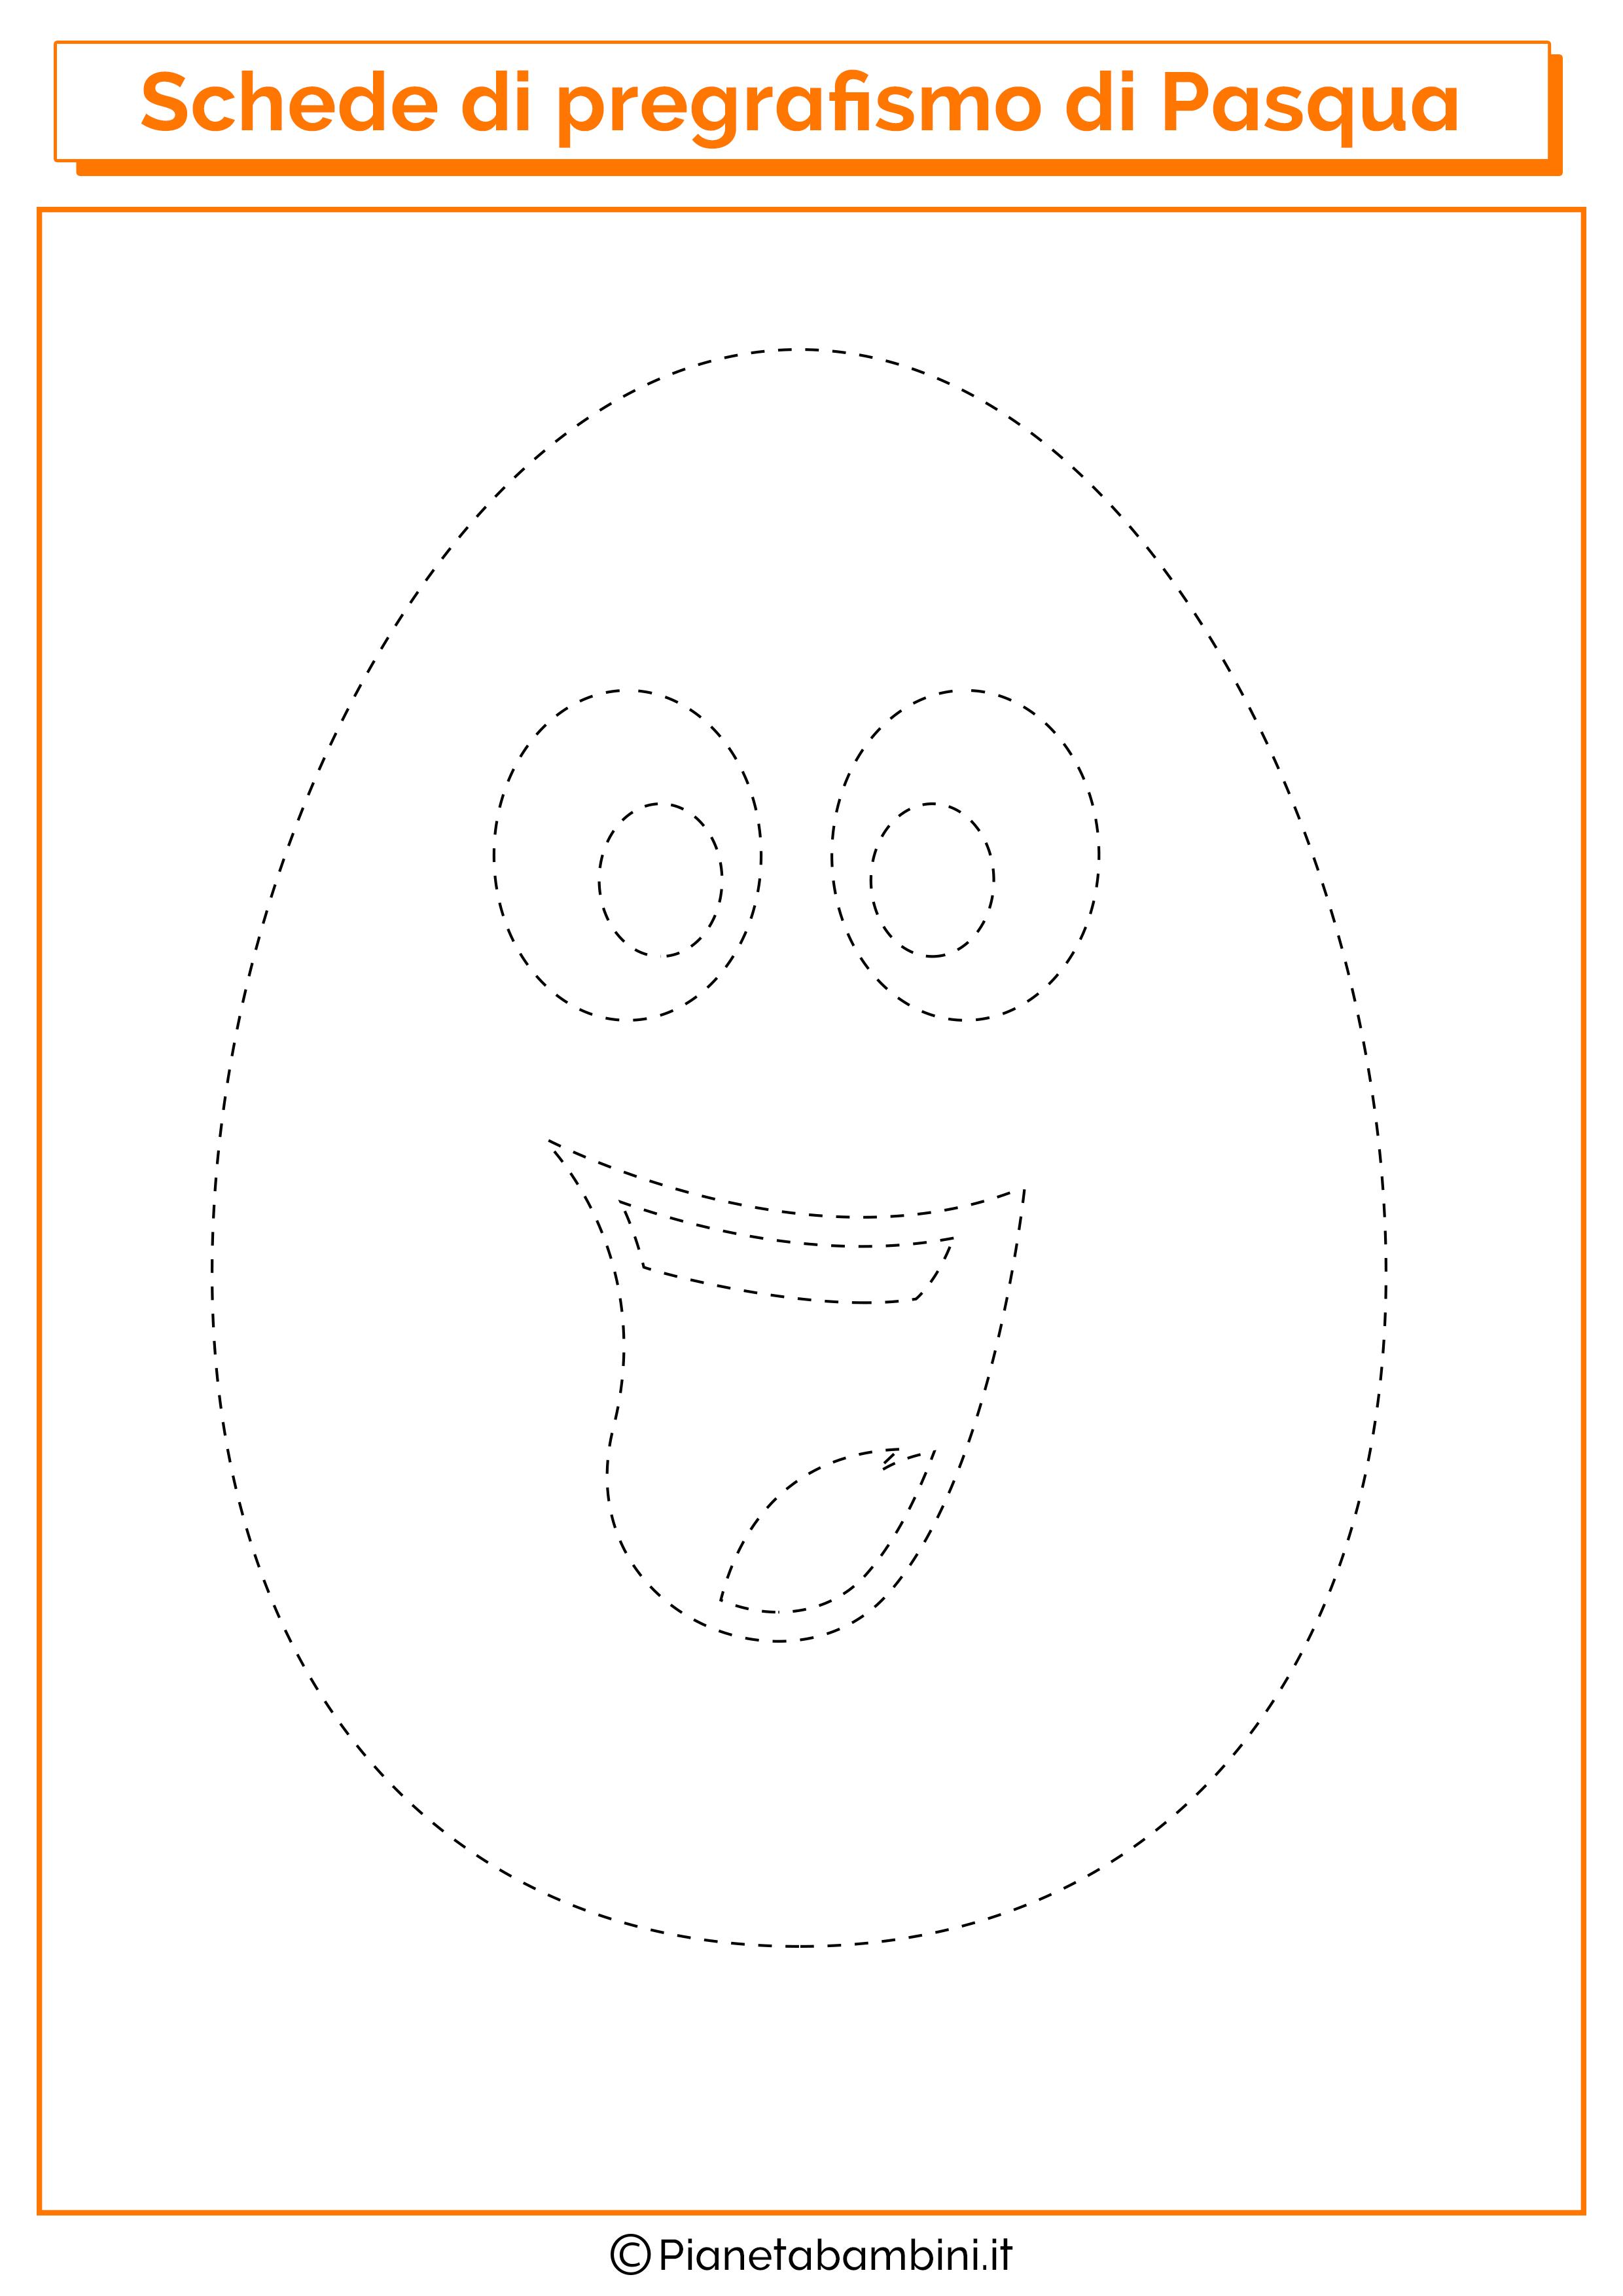 Scheda di pregrafismo di Pasqua sull'uovo sorridente